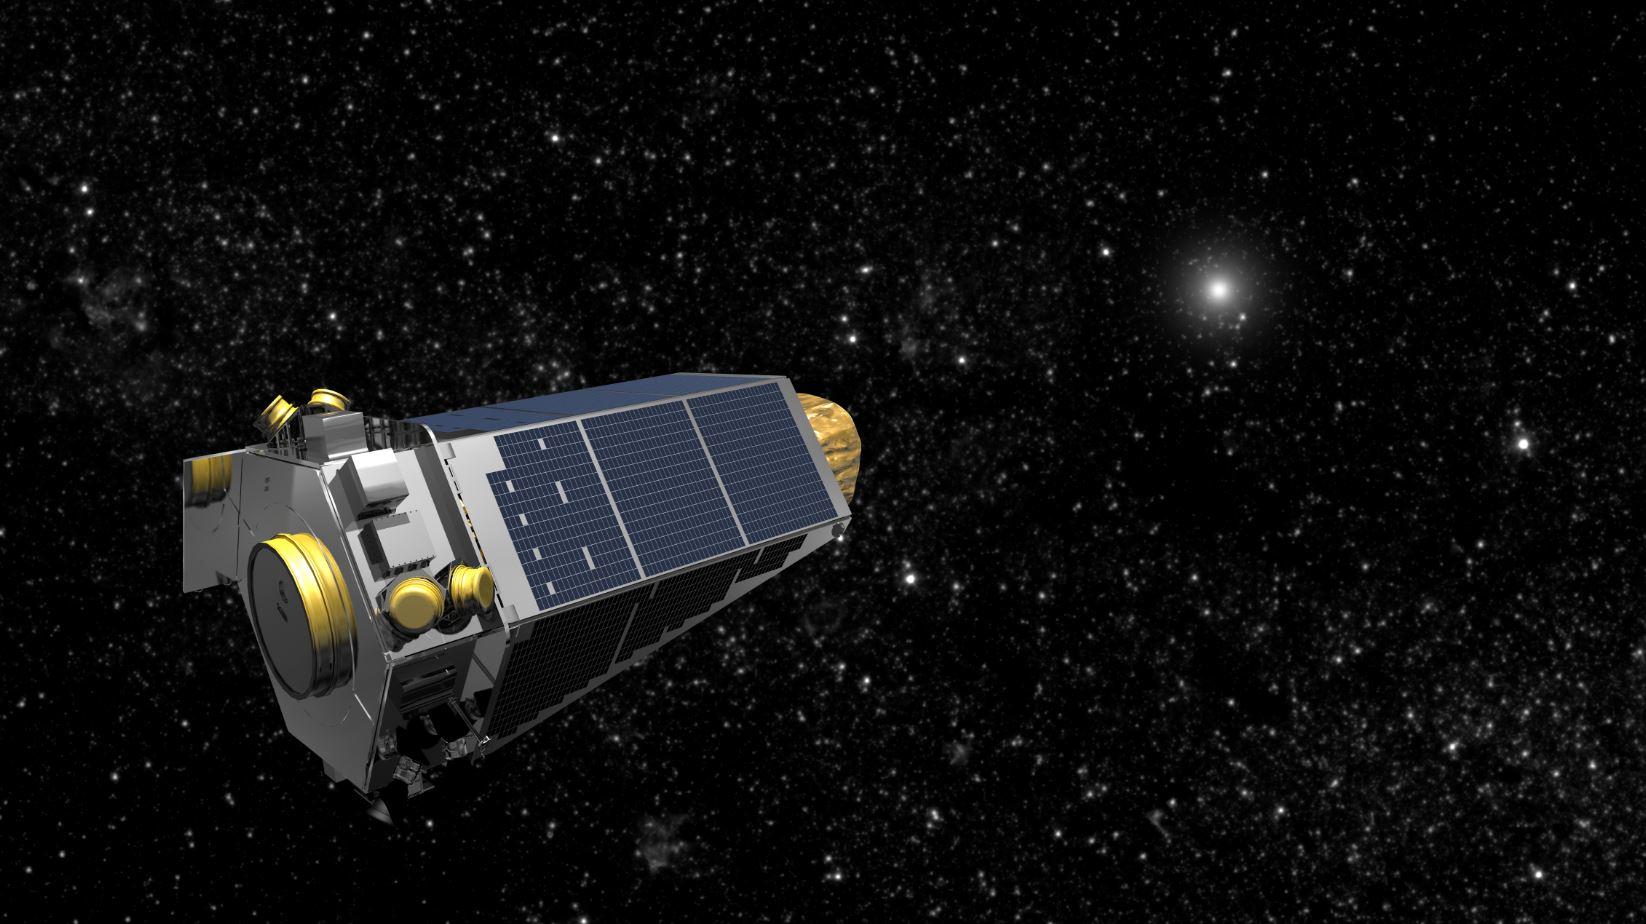 Render del telescopio Kepler realizado por la NASA previo a su incursión en la misión K2 (NASA)